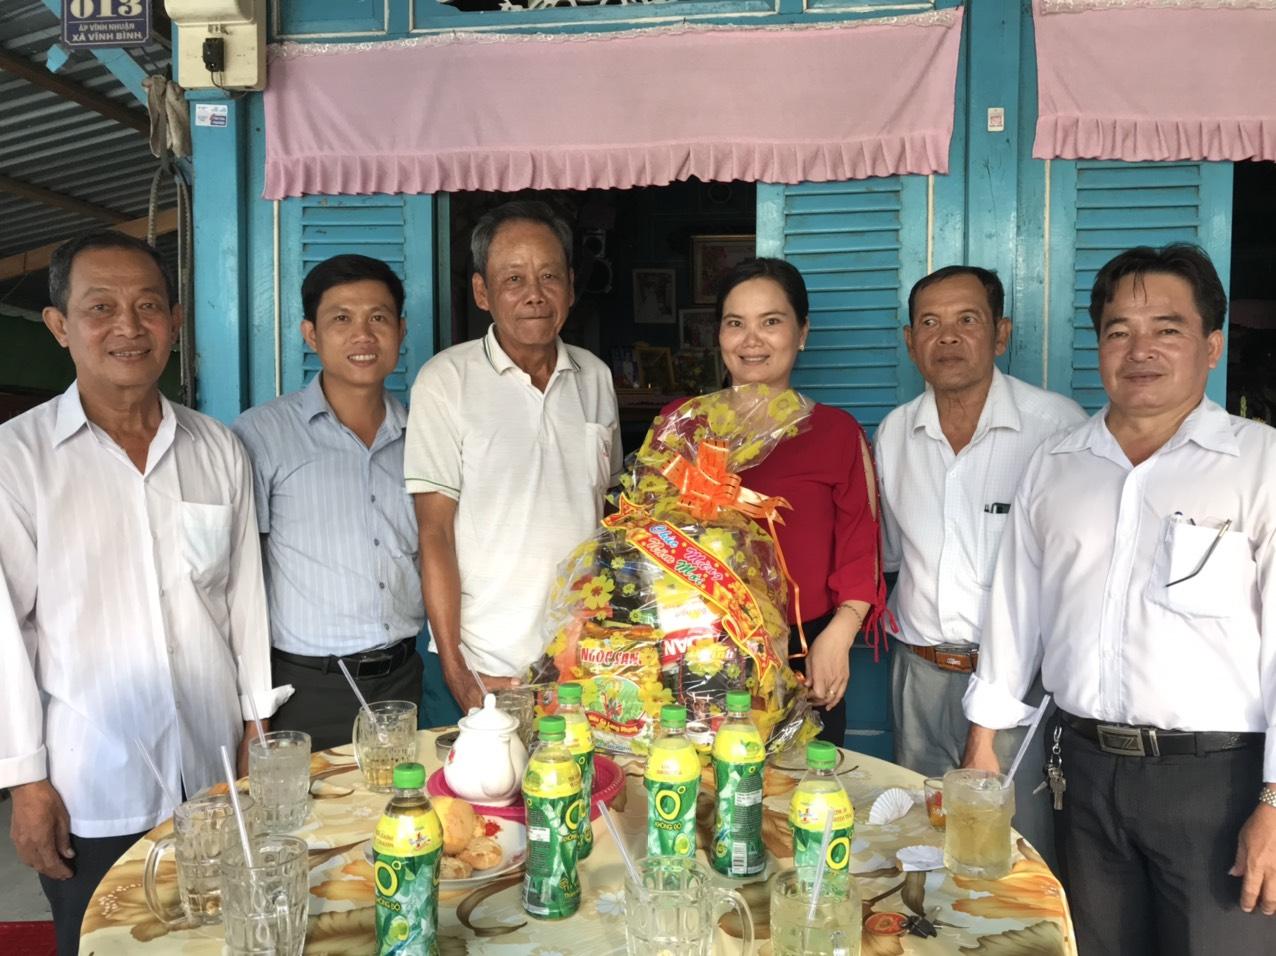 Chăm lo cho cán bộ, hội viên nông dân là người dân tộc Khmer đón Tết cổ truyền Chôl Chnăm Thmây